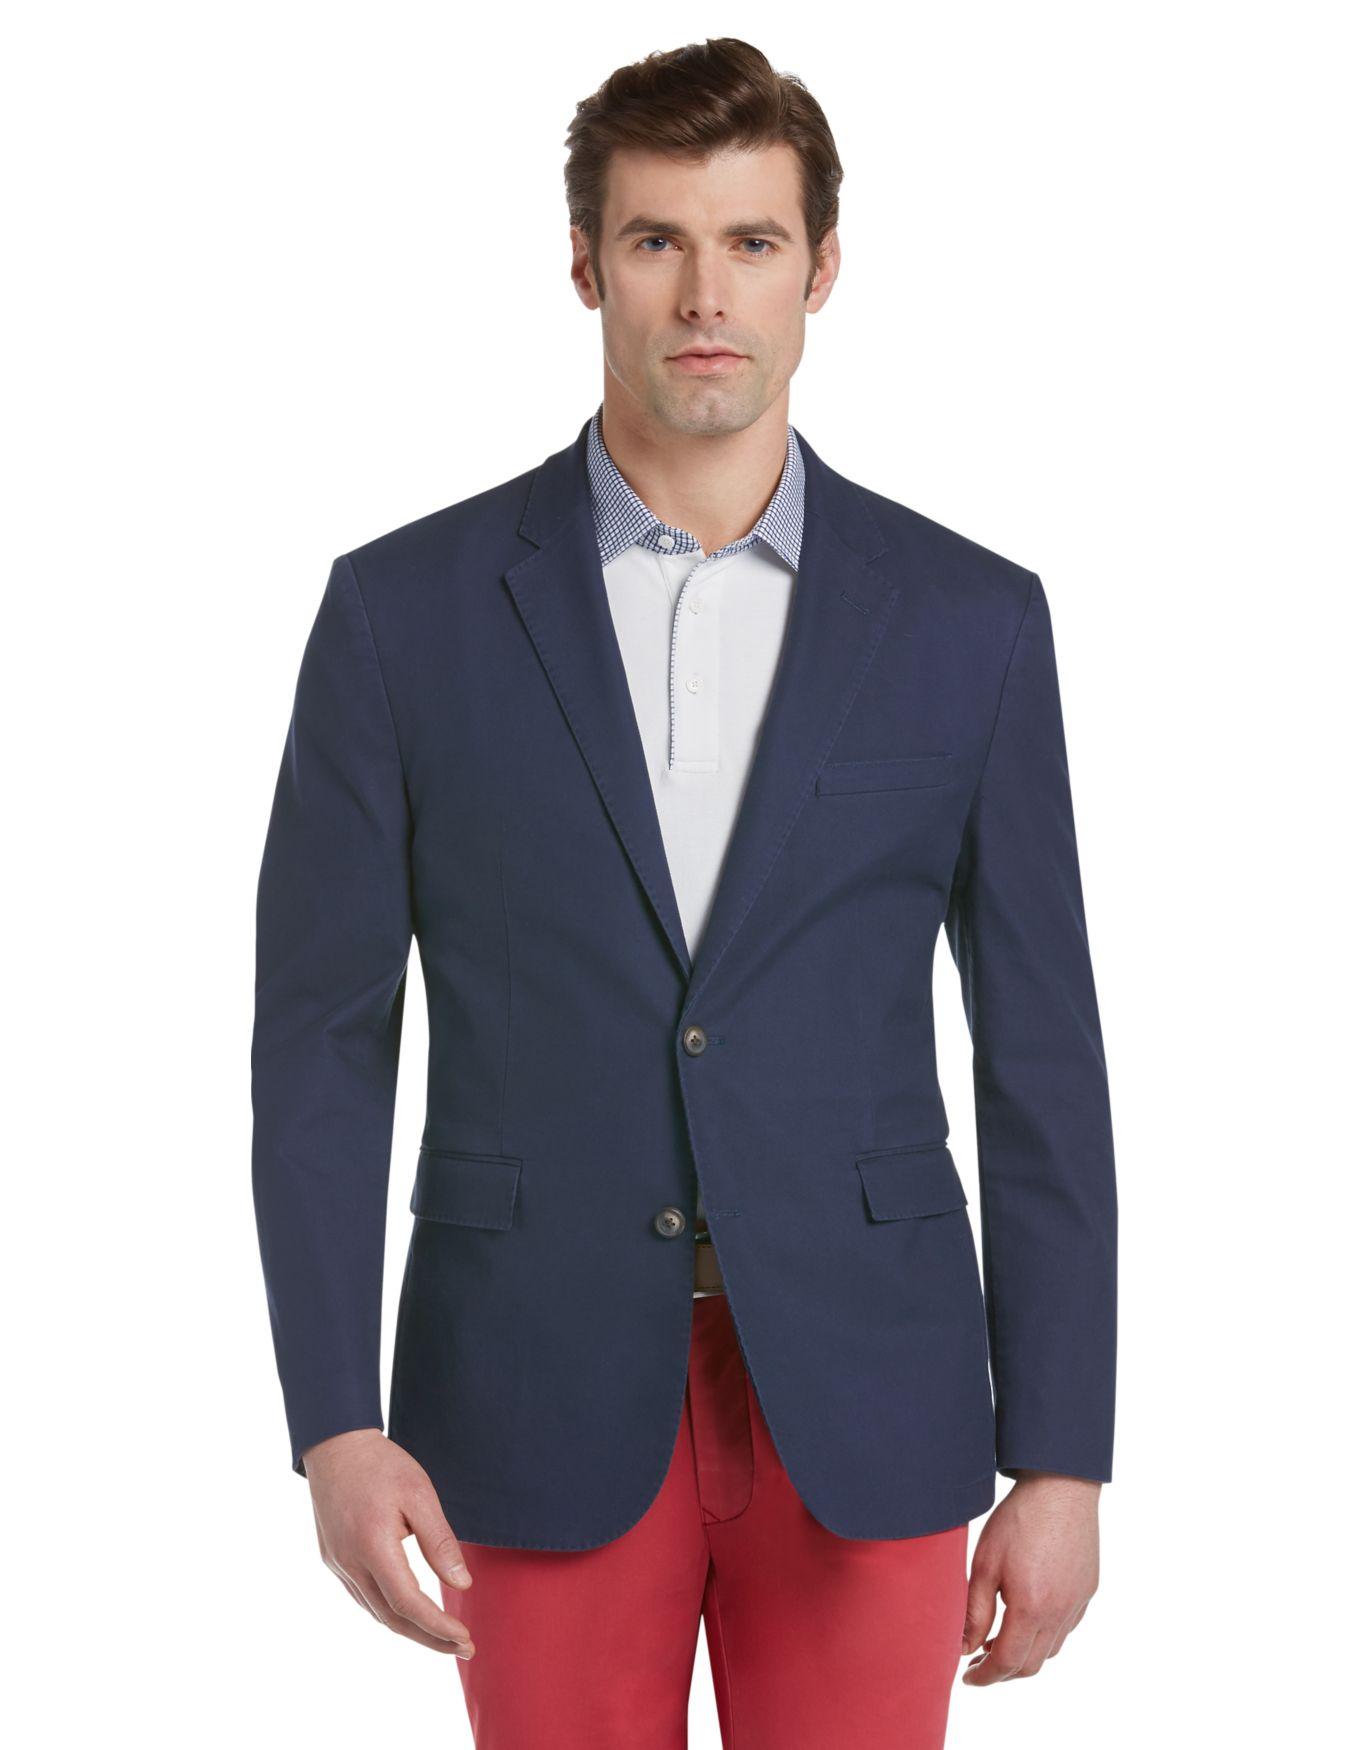 Casual Sportcoats & Vests | Men's SportCoats | JoS. A. Bank Clothiers